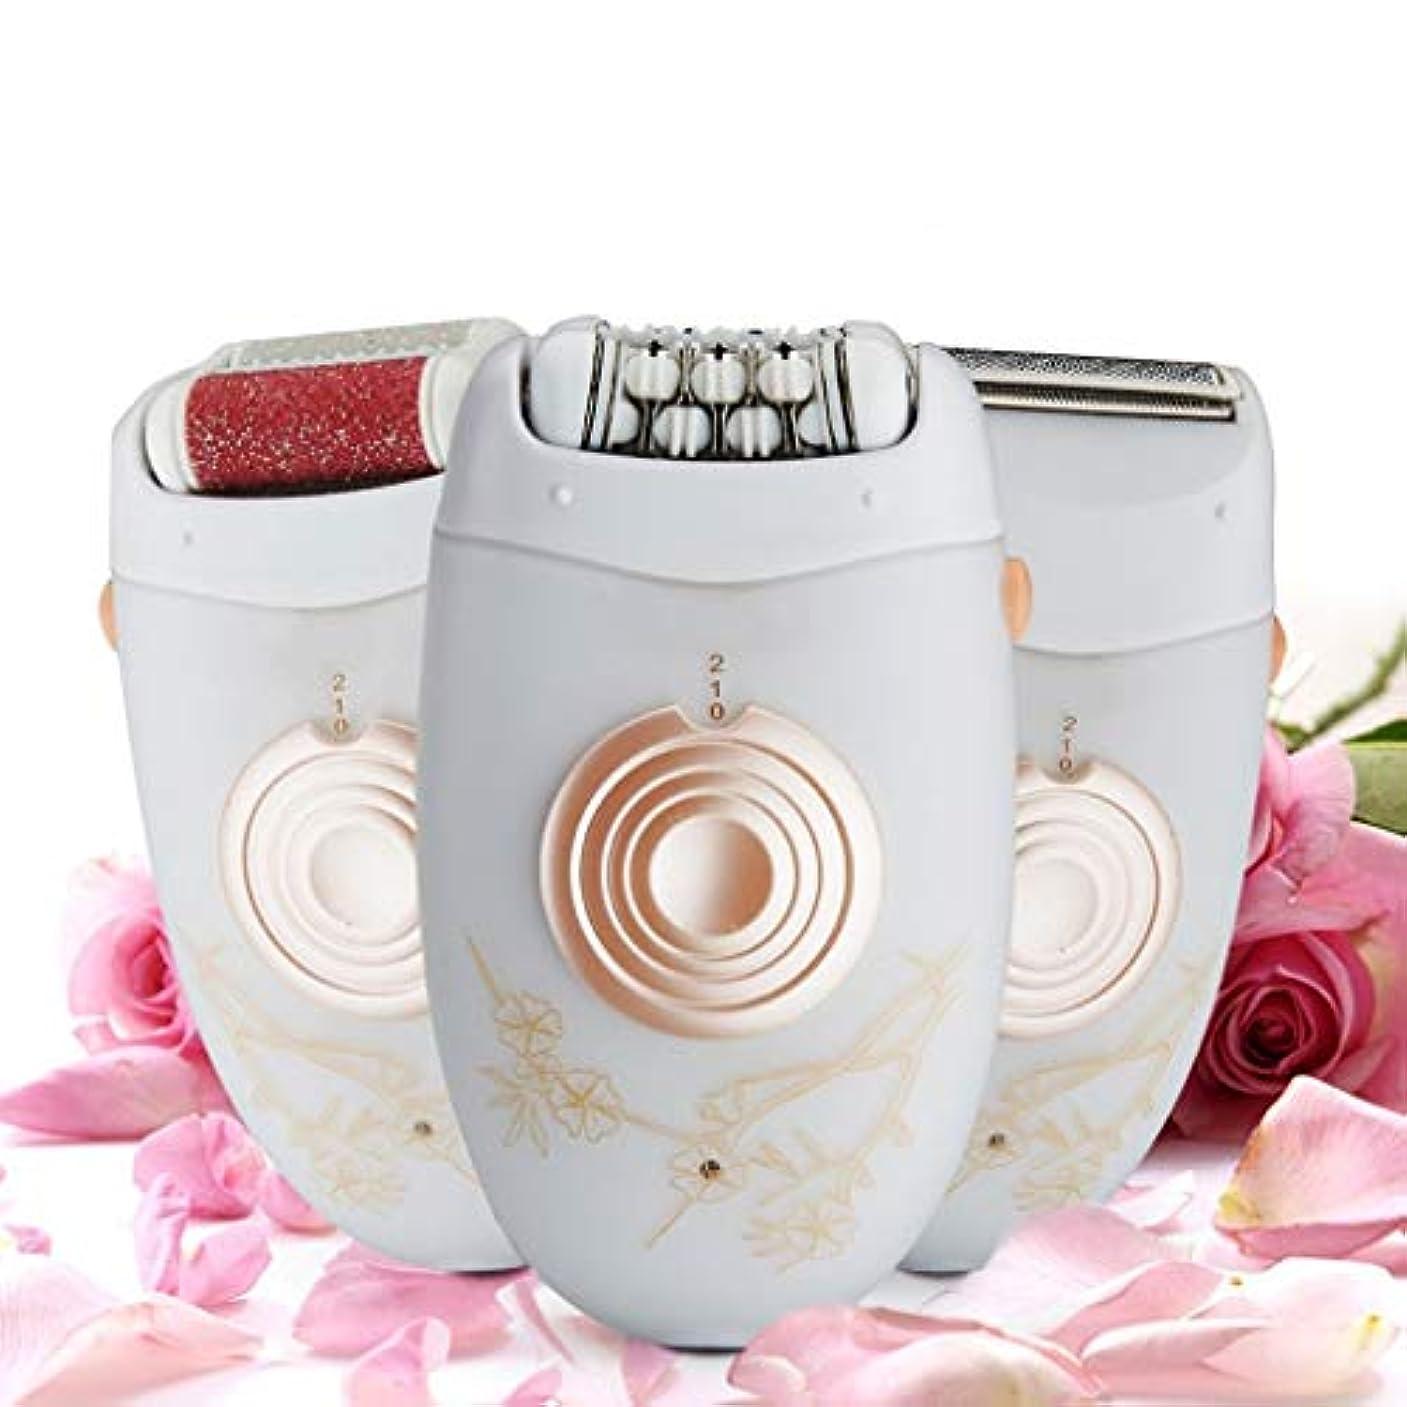 観光定説分析的な女性の電気かみそり、顔の毛の除去剤充電式ポータブル脱毛器3 in 1脱毛、シェービング、身体、顔、ビキニ、脇の下の研削足 (Color : White)